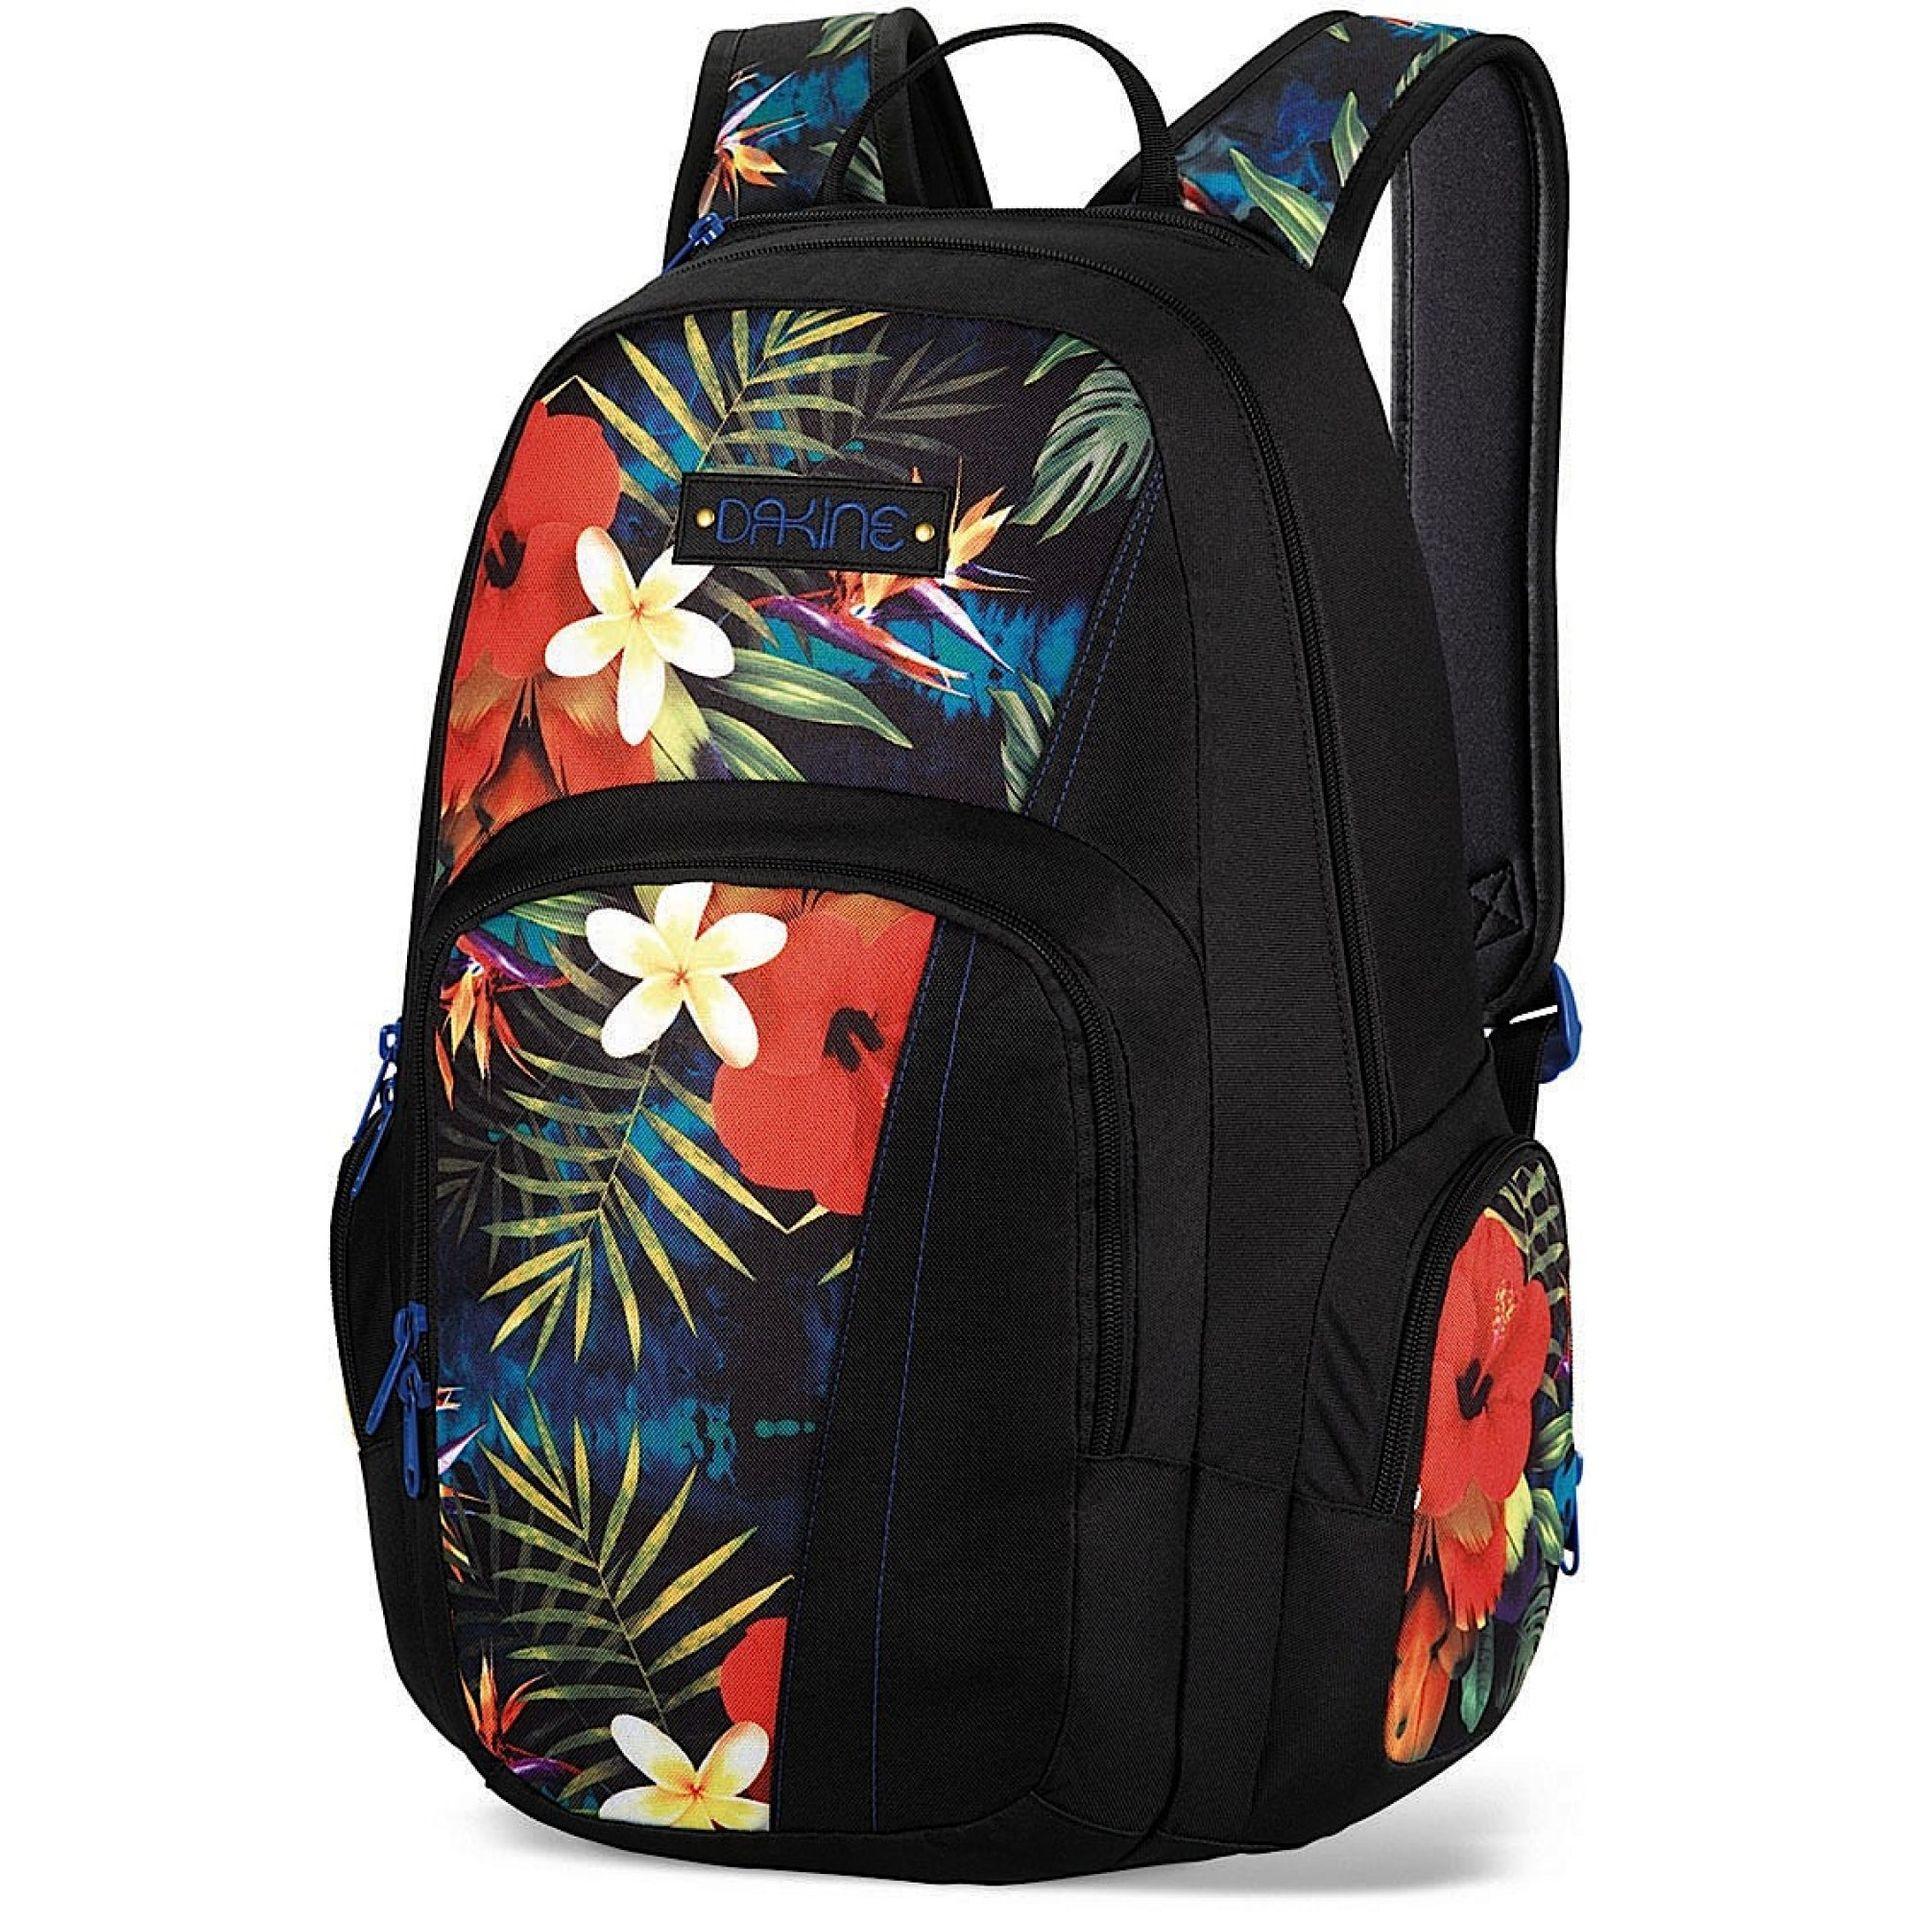 Plecak Dakine Finley Tropics